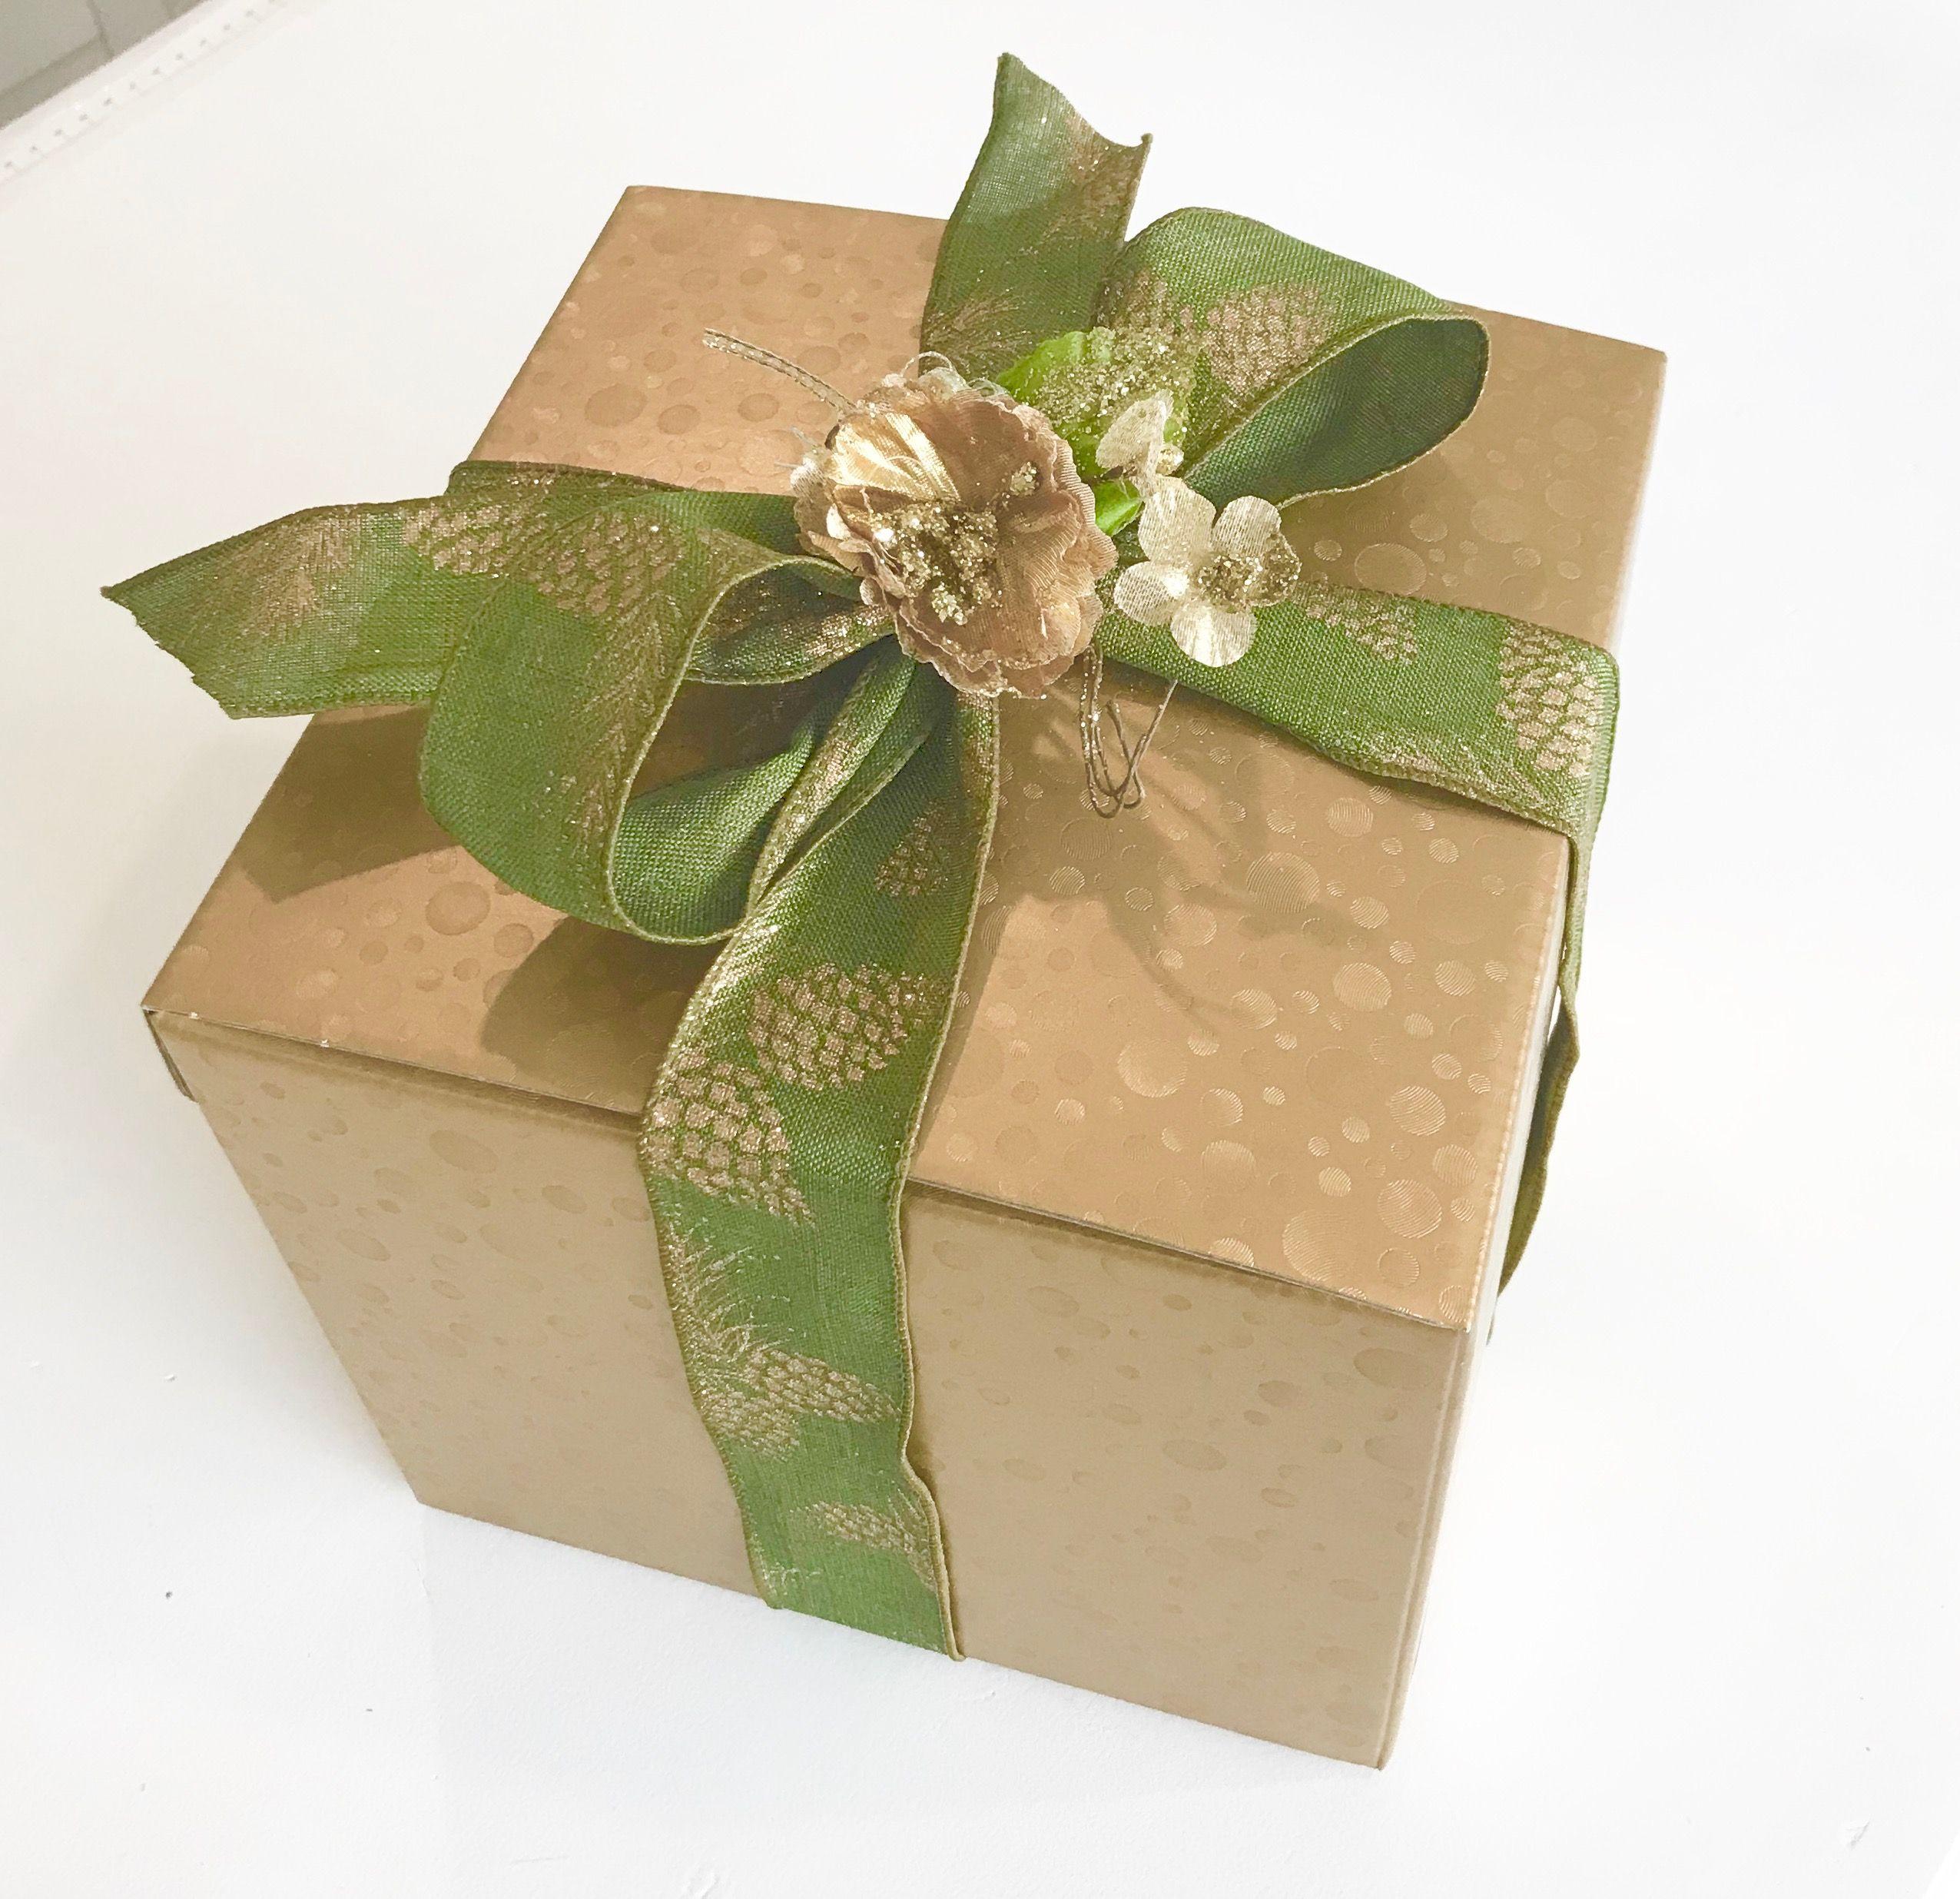 Geschenkkarton Weihnachten.Geschenkschachteln Fur Weihnachten In Gold Silber Rot